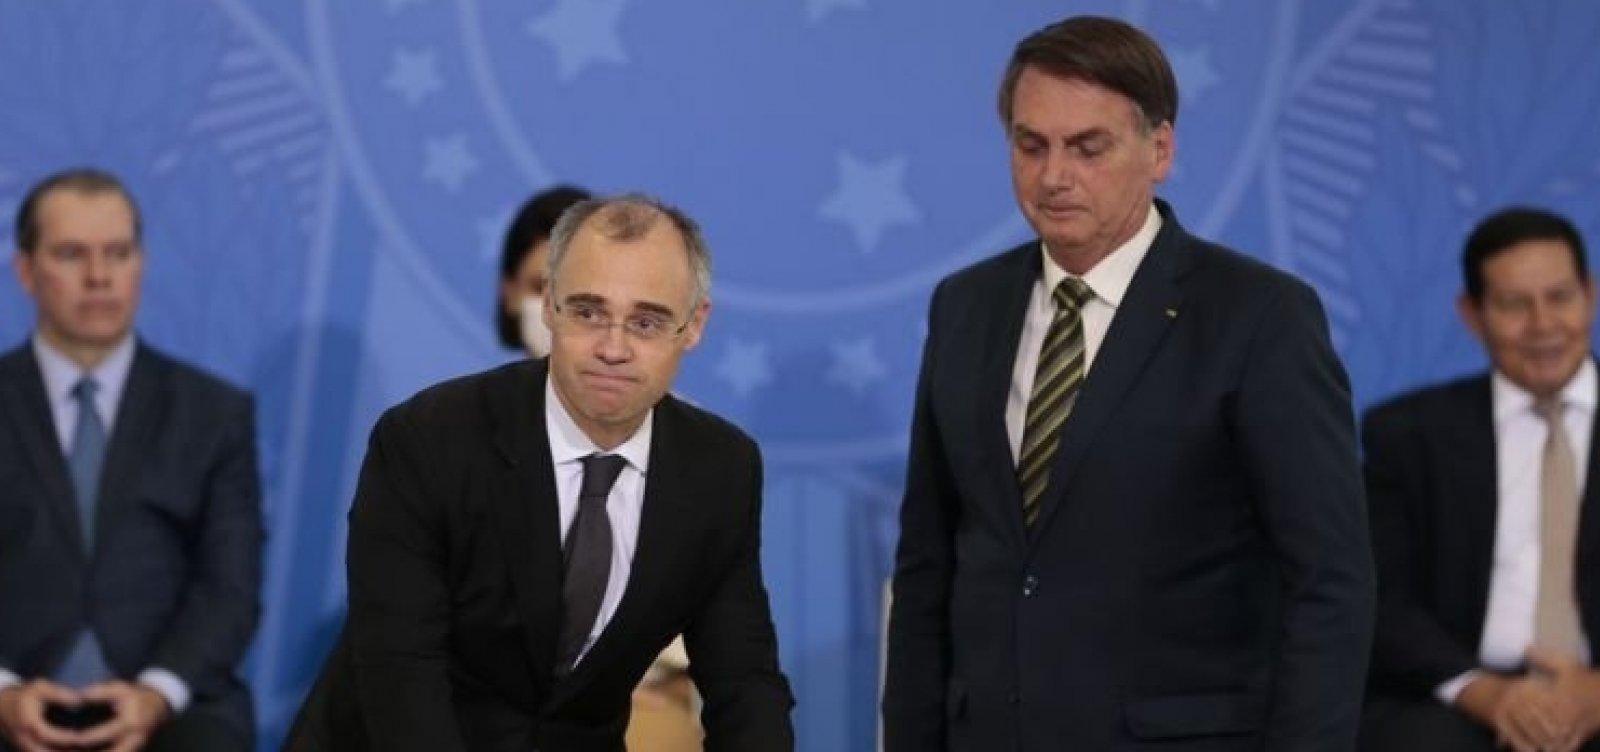 [Ministro da Justiça, André Mendonça compara caso Moro a Watergate]